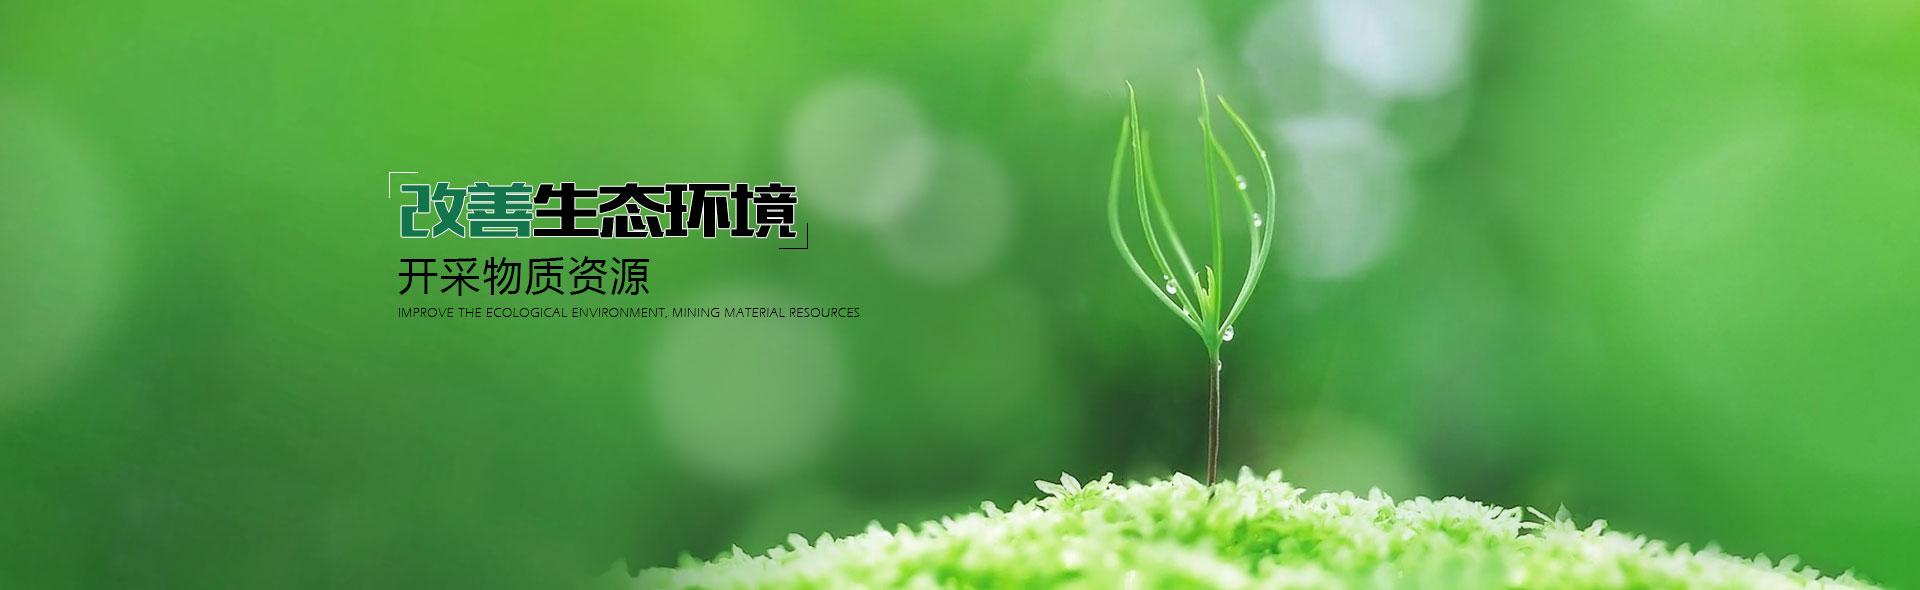 北京铮实环保工程有限公司